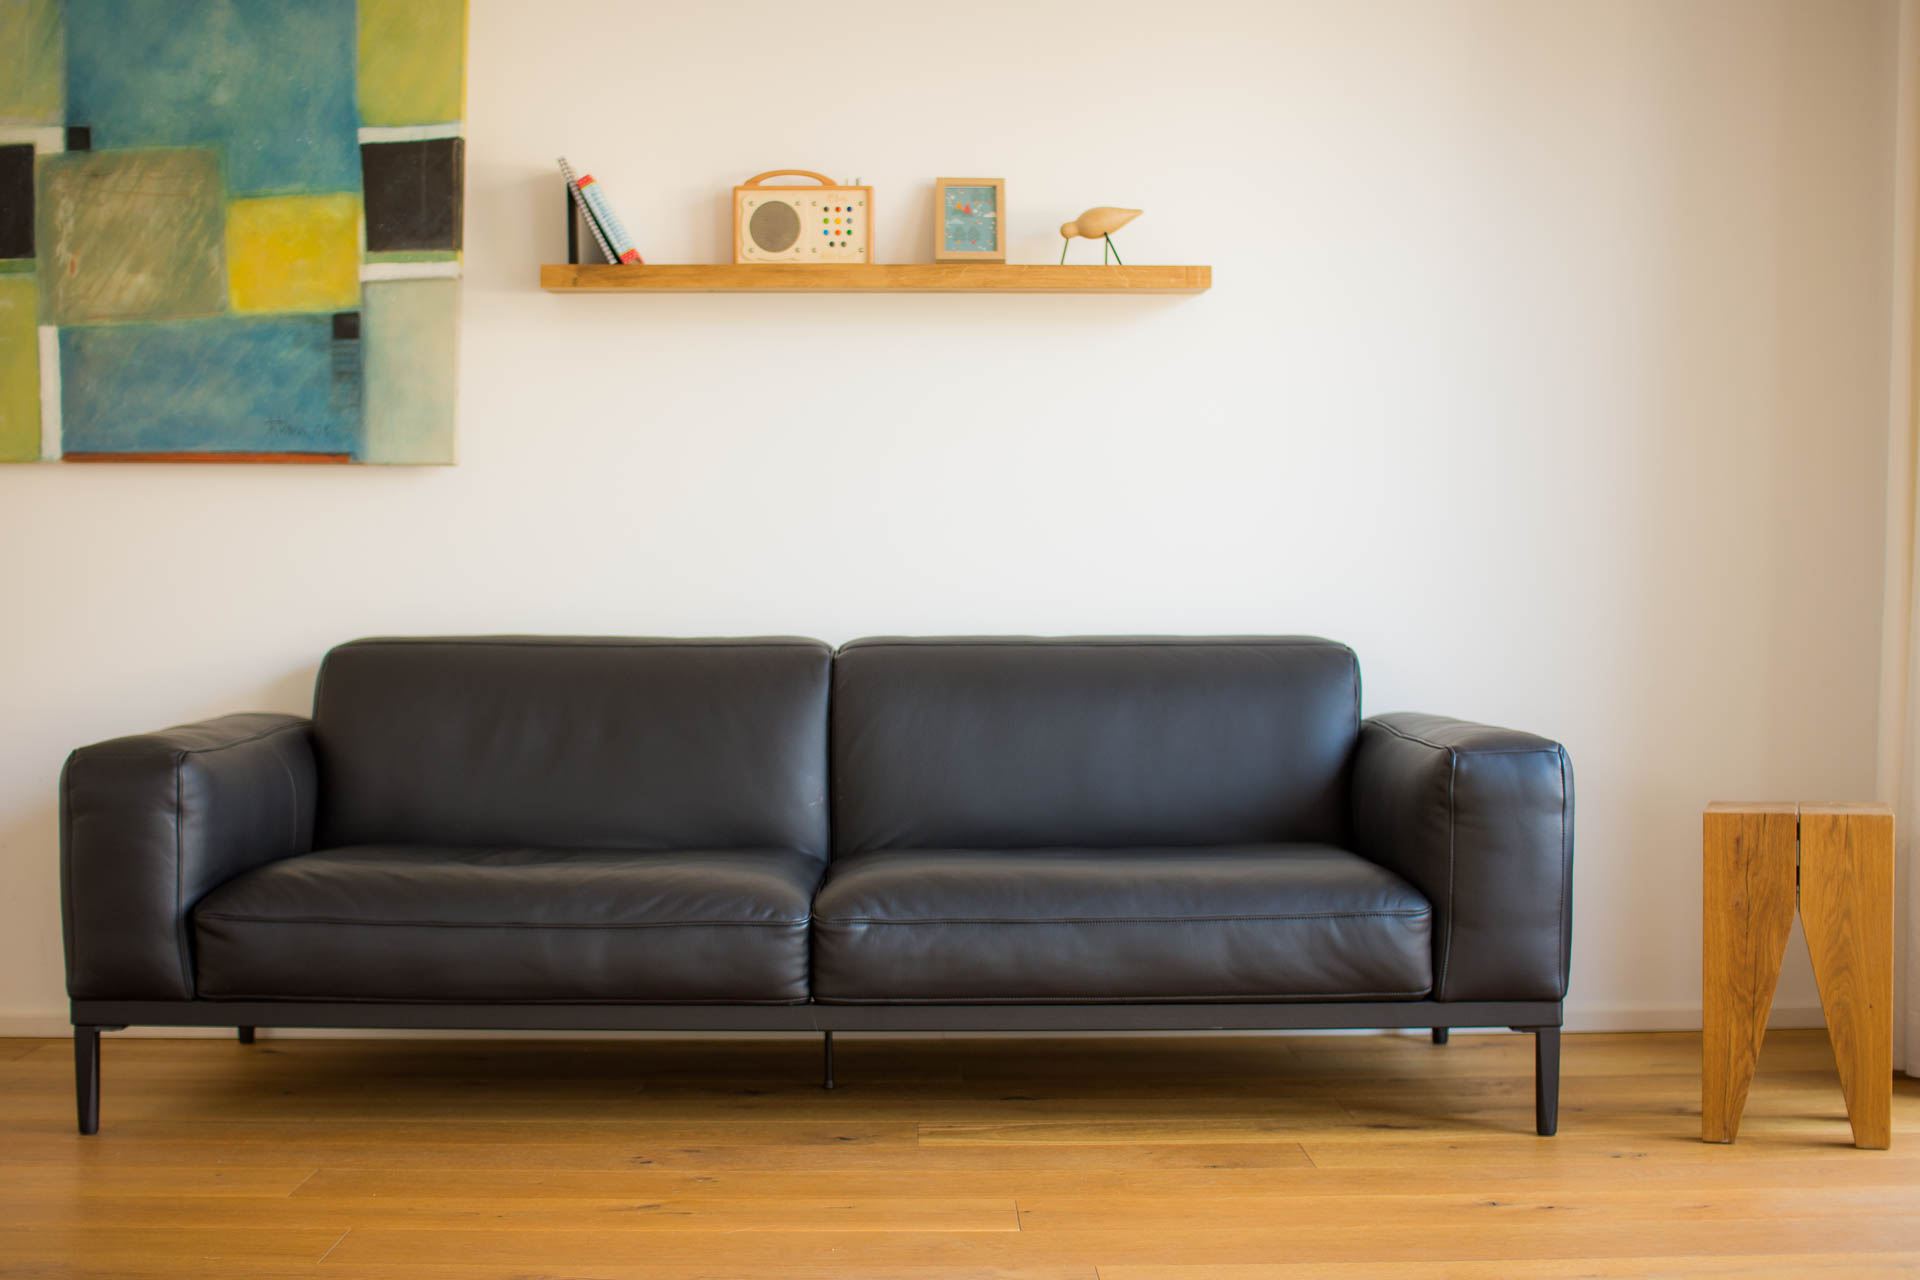 Wohnzimmereinrichtung 2017 m bel und heimat design for Poco einrichtung